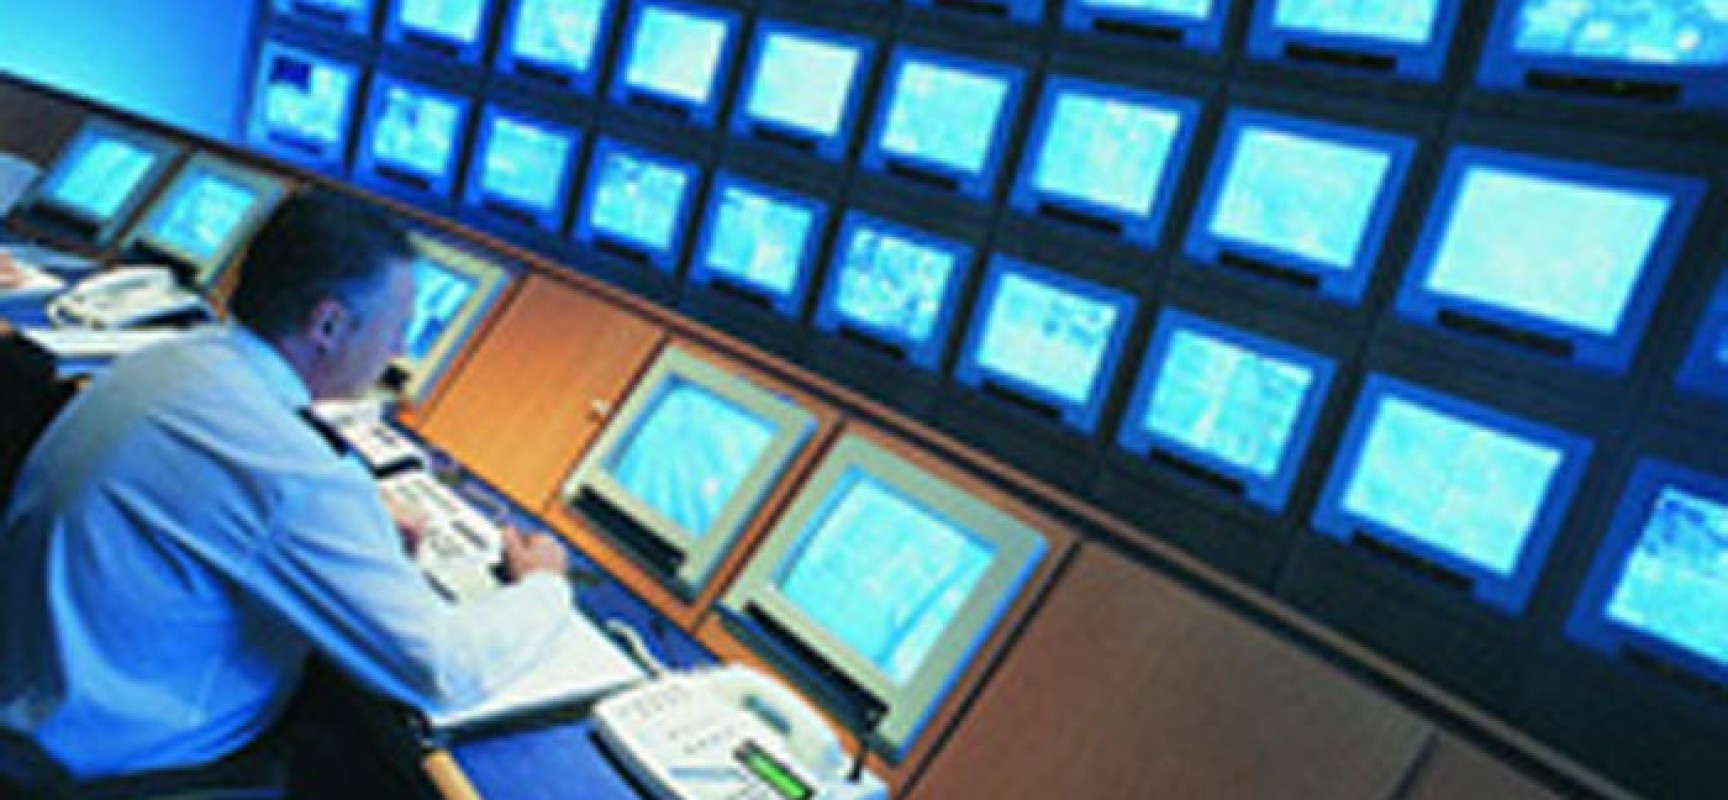 Prorogato per altri tre mesi il servizio di vigilanza degli immobili comunali, costerà altri 35mila euro